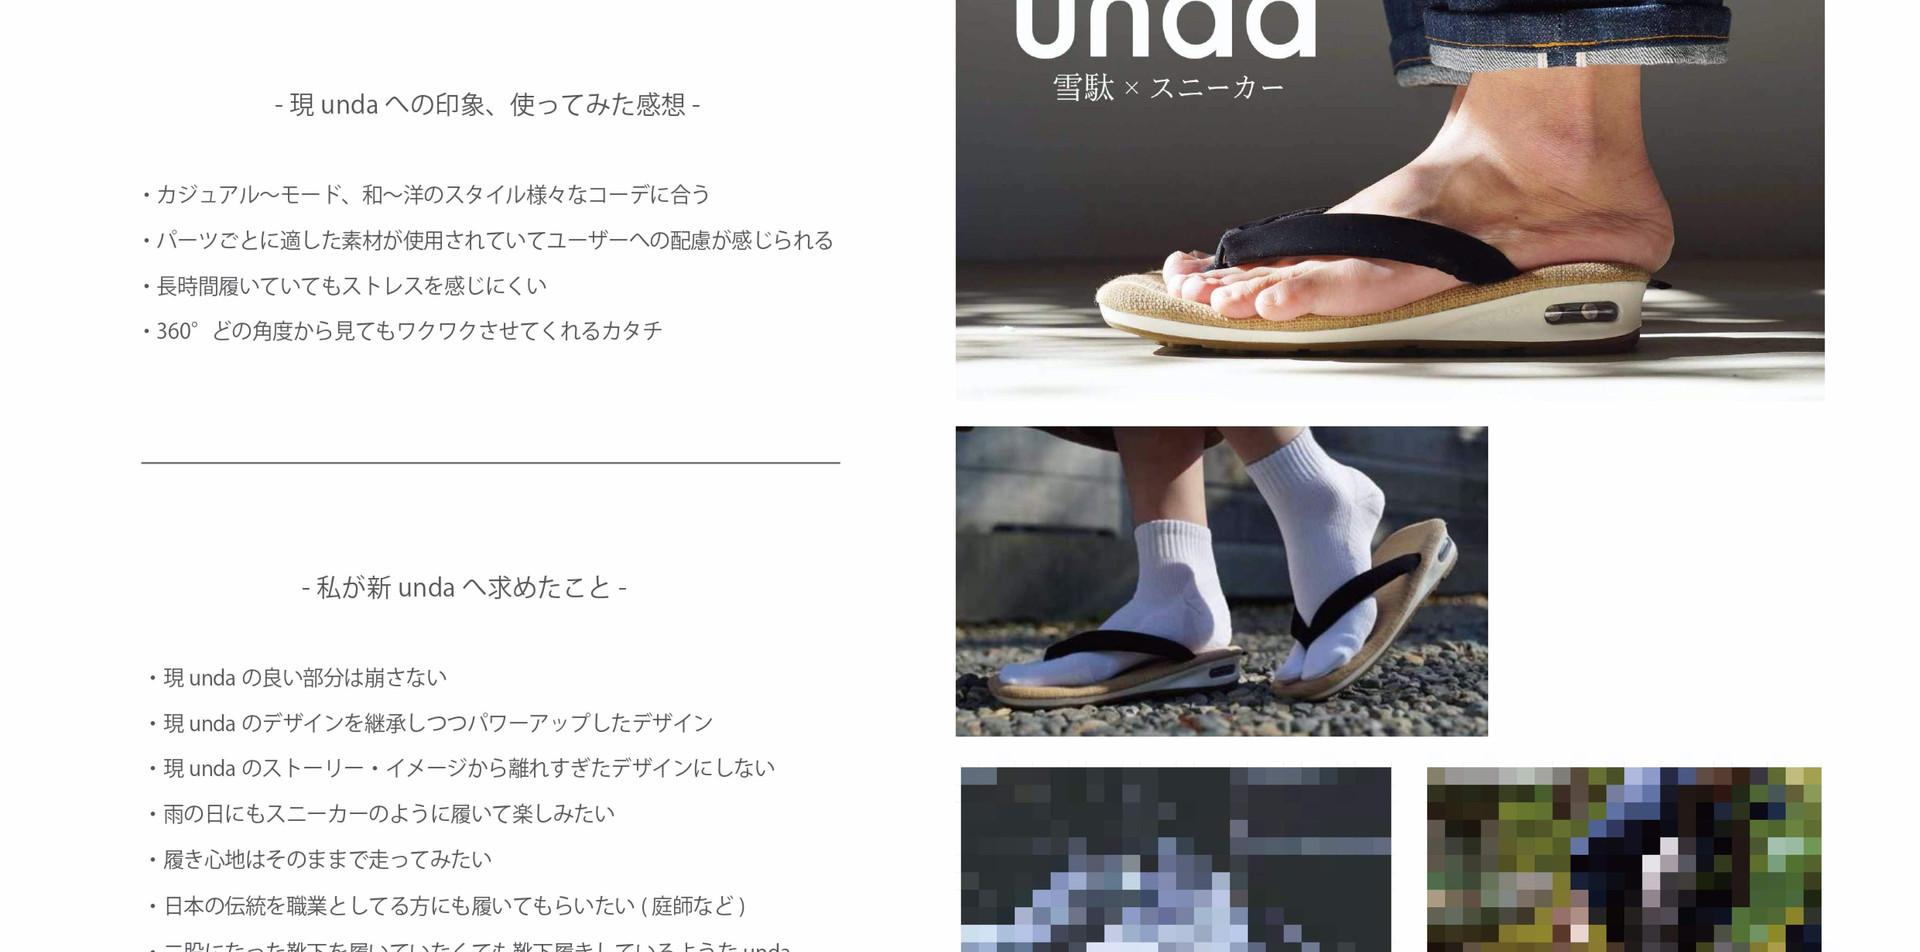 zenasakusa_shinobi - 浅草禅_page-0002.jpg